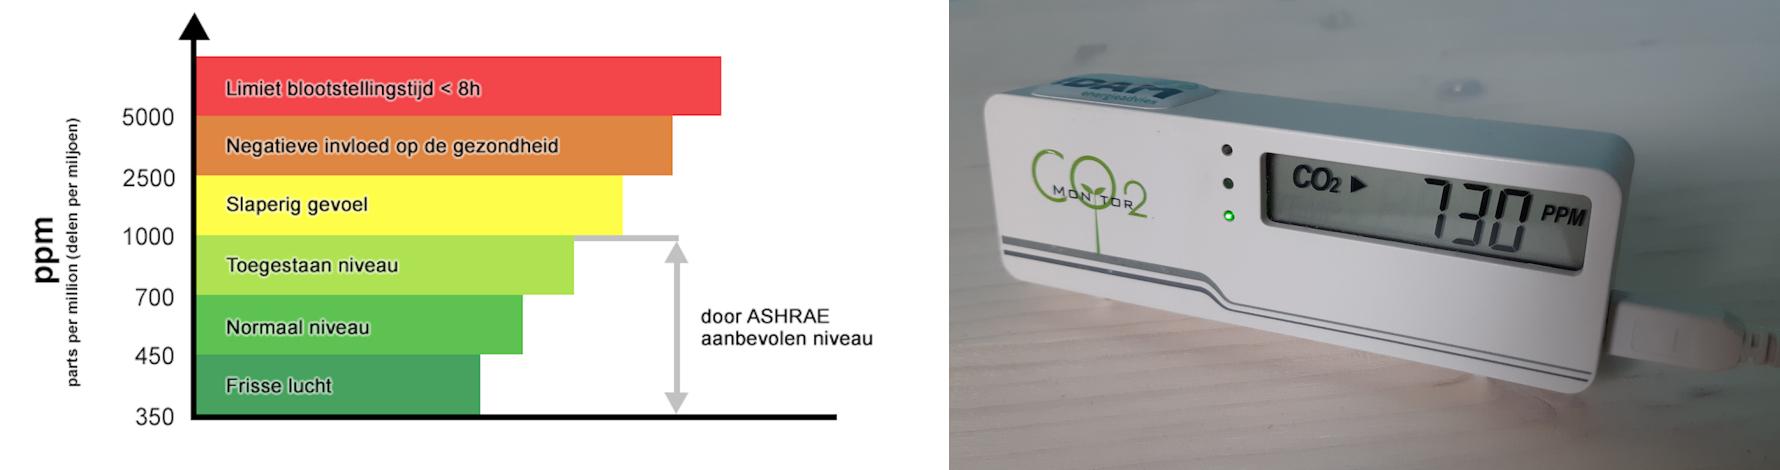 CO2-afbeelding